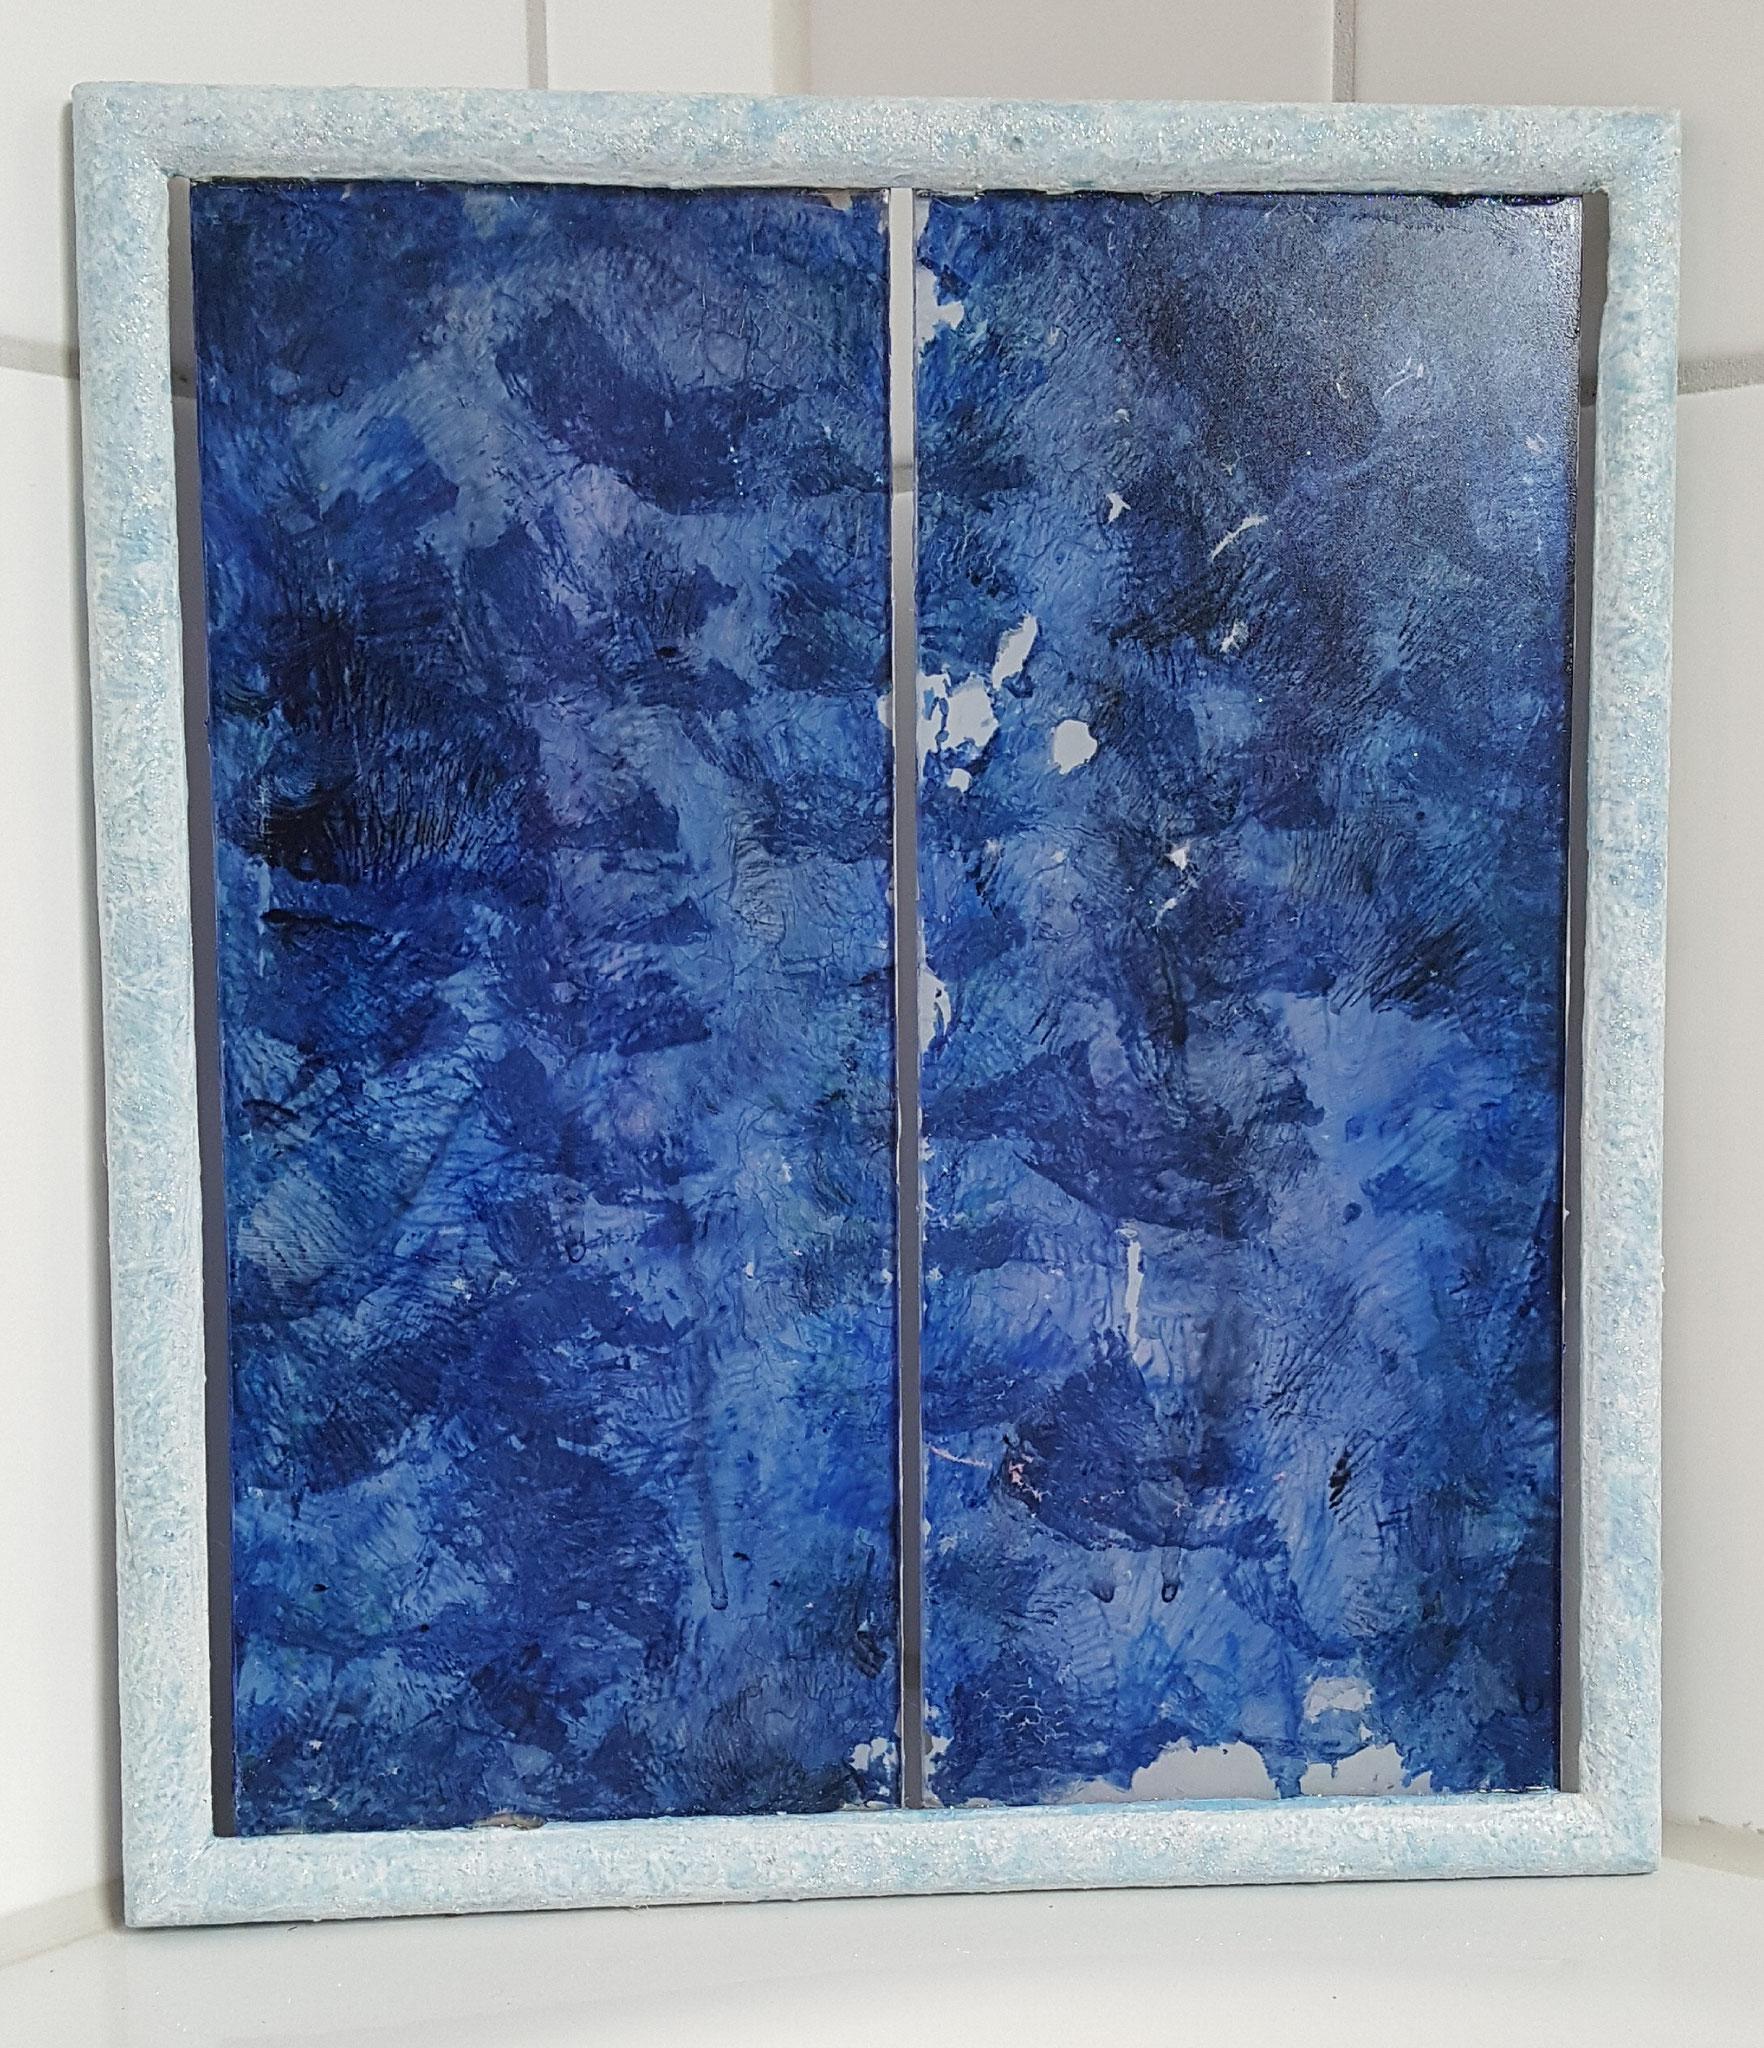 Glas 3, 26x30cm Fr. 220.--